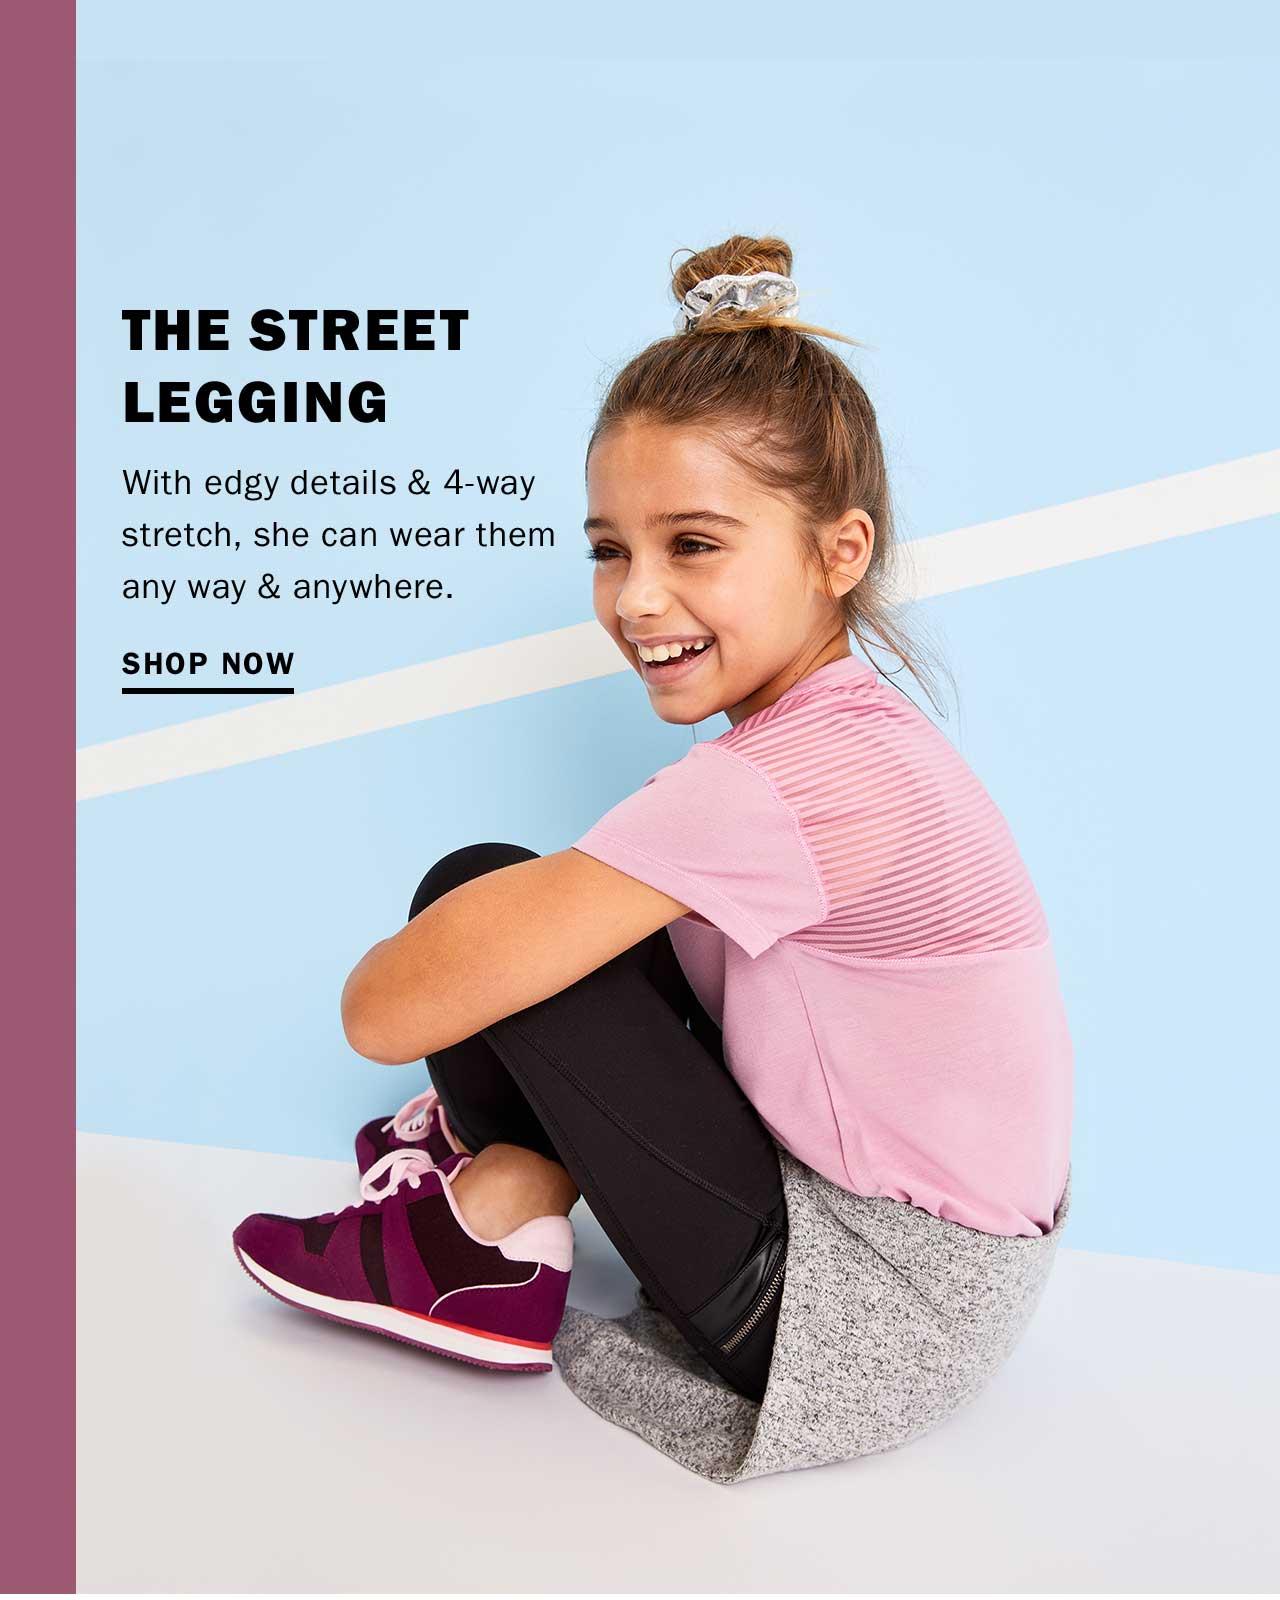 THE STREET LEGGING